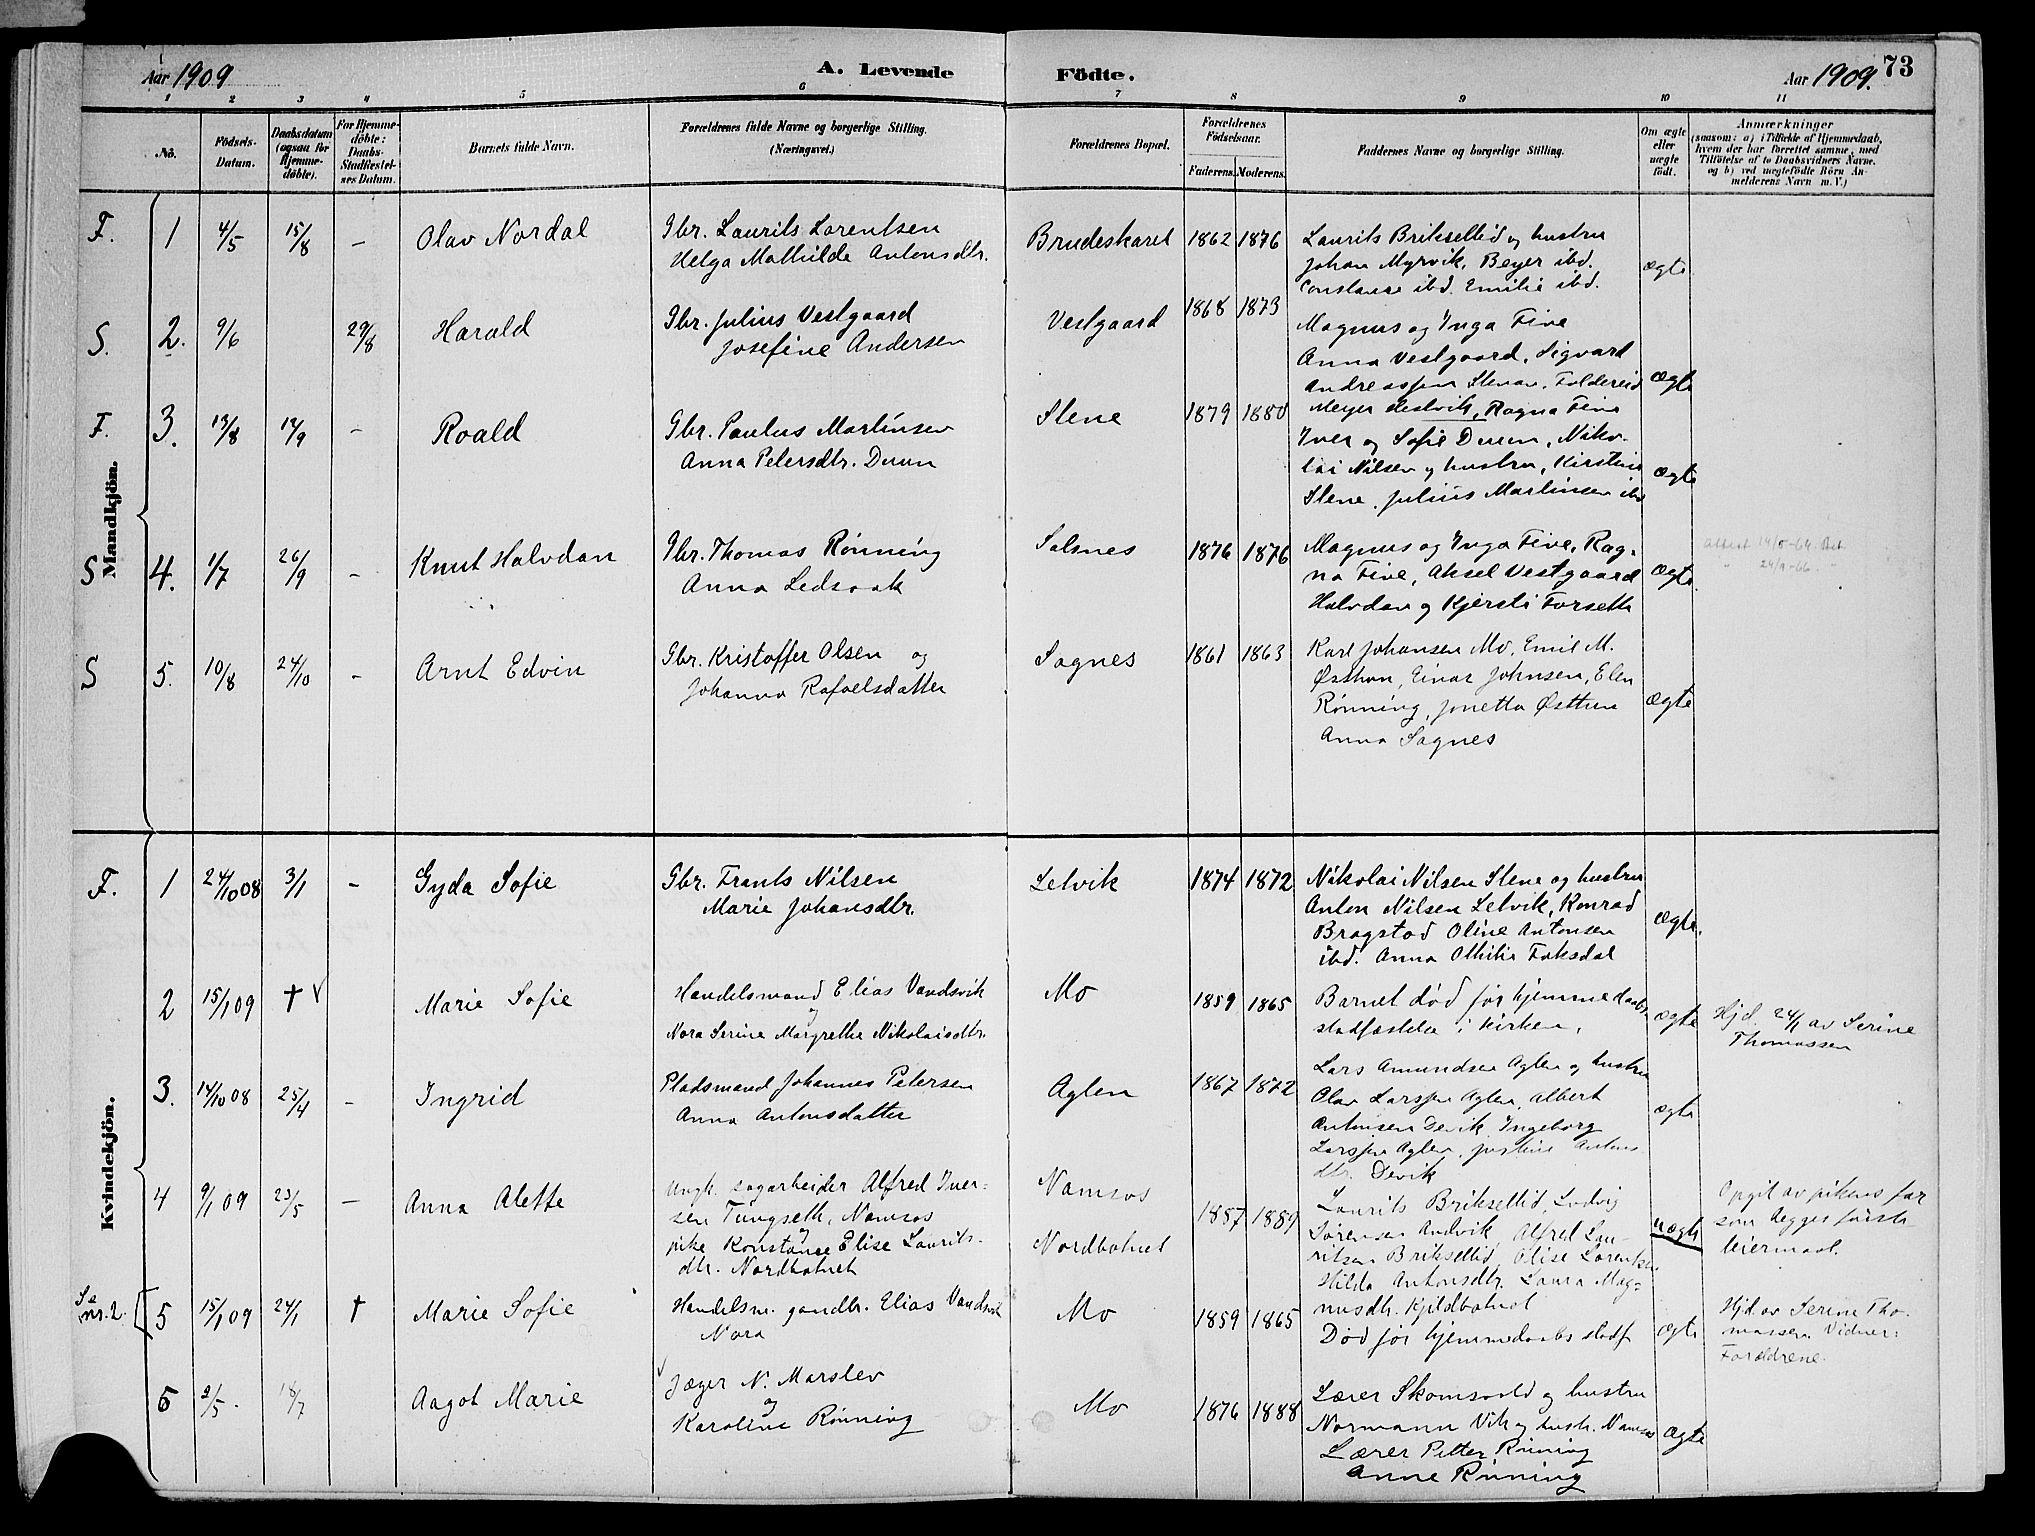 SAT, Ministerialprotokoller, klokkerbøker og fødselsregistre - Nord-Trøndelag, 773/L0617: Ministerialbok nr. 773A08, 1887-1910, s. 73